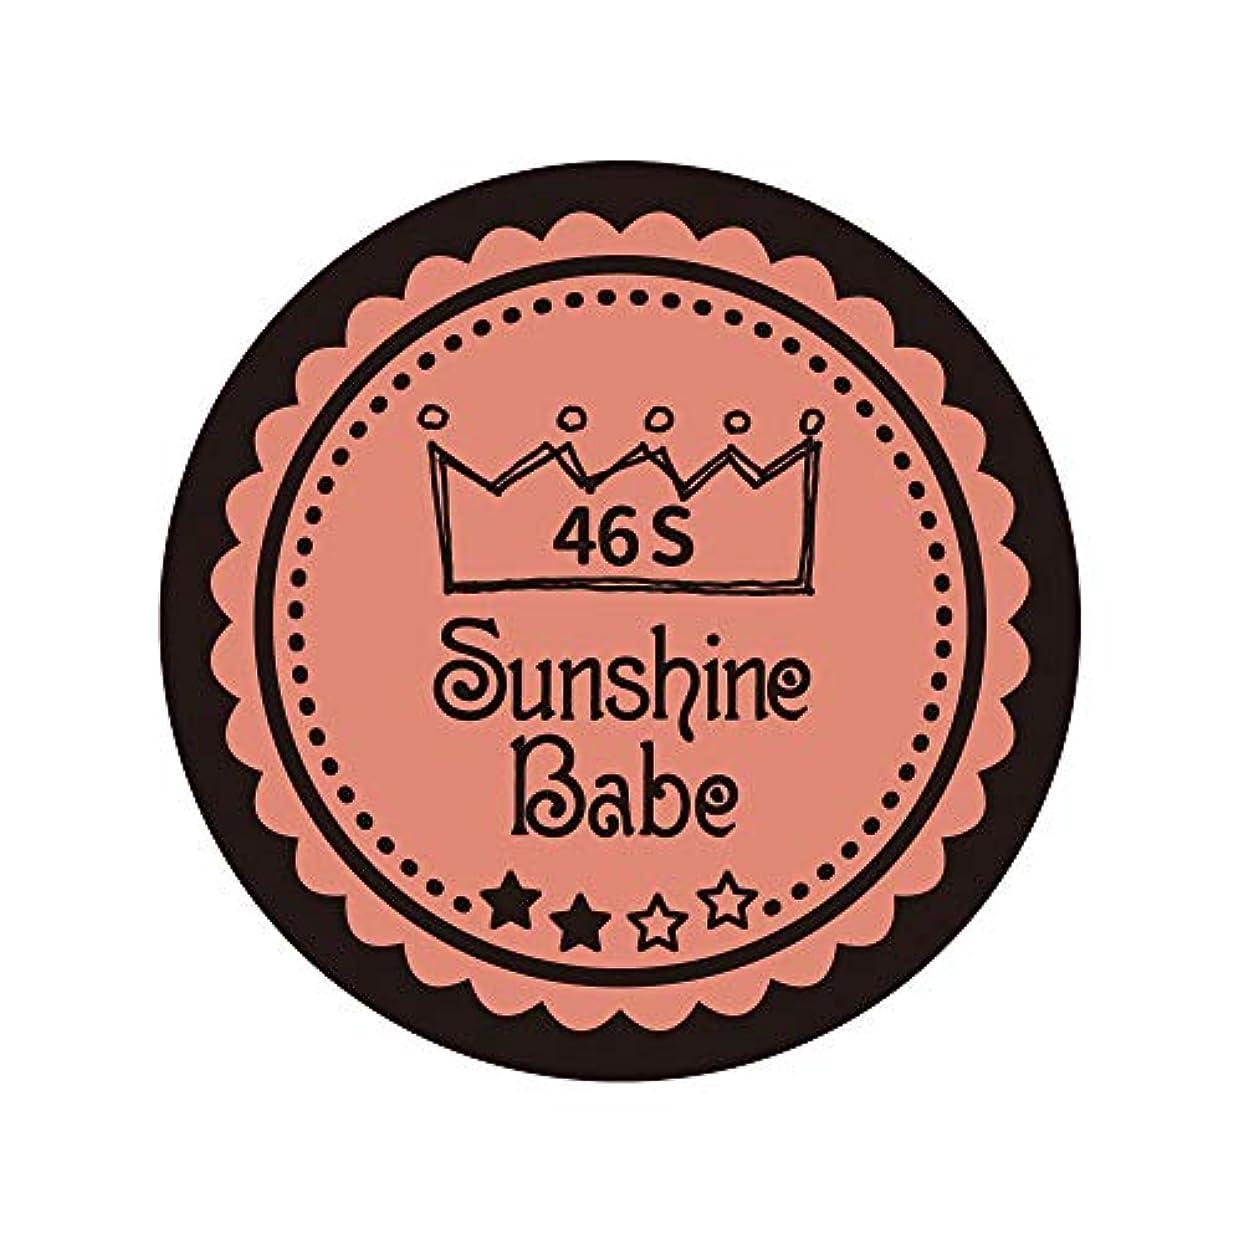 ステーキキリマンジャロ憲法Sunshine Babe カラージェル 46S ピンクベージュ 2.7g UV/LED対応